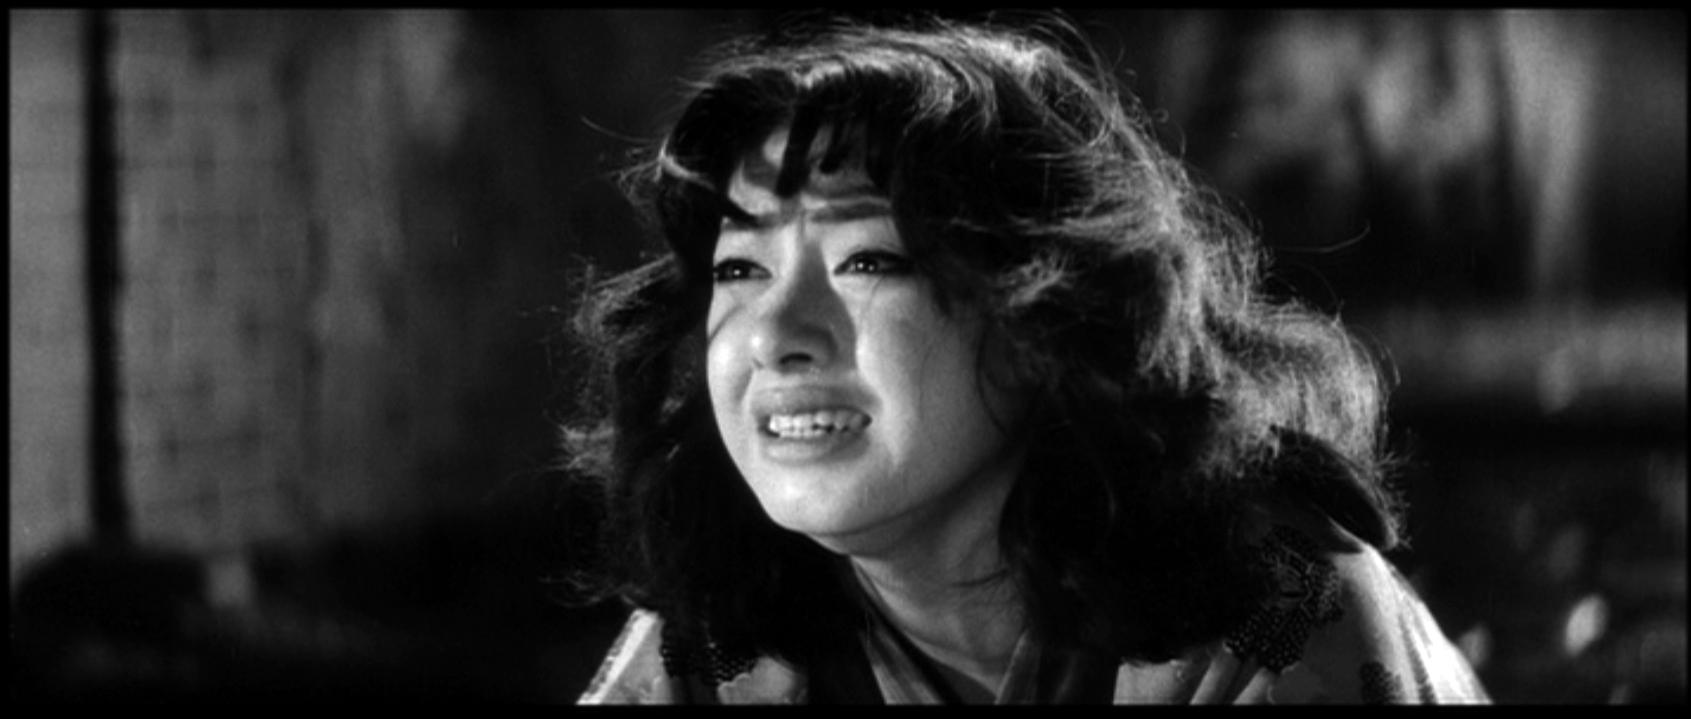 野川由美子(のがわ・ゆみこ)「春婦伝」(1965)・・・其の弐